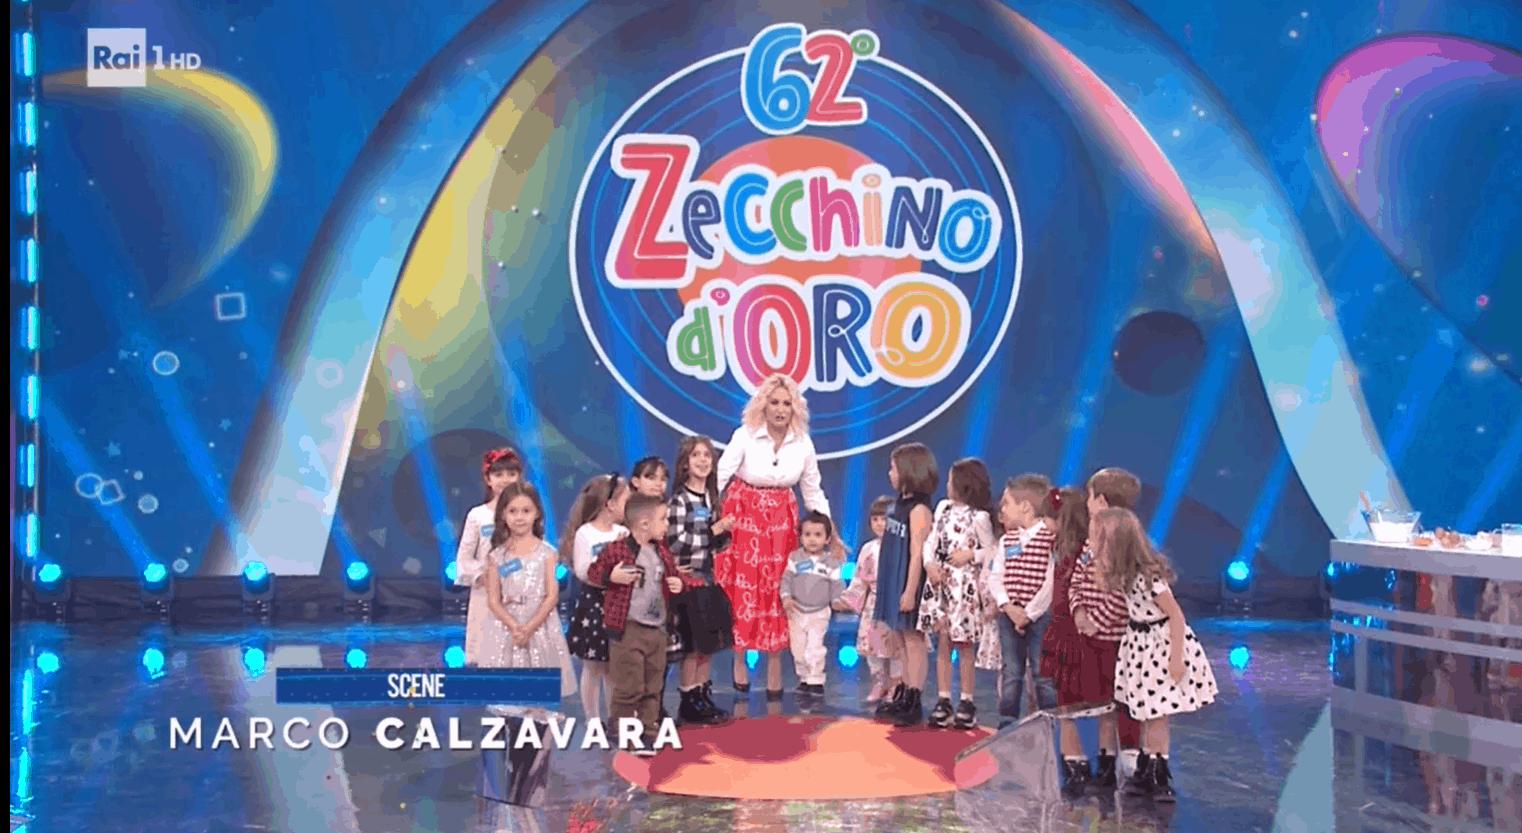 """Antonella Clerici inaugura lo Zecchino d'Oro: """"Felice di essere qui, di ricominciare da qui"""""""